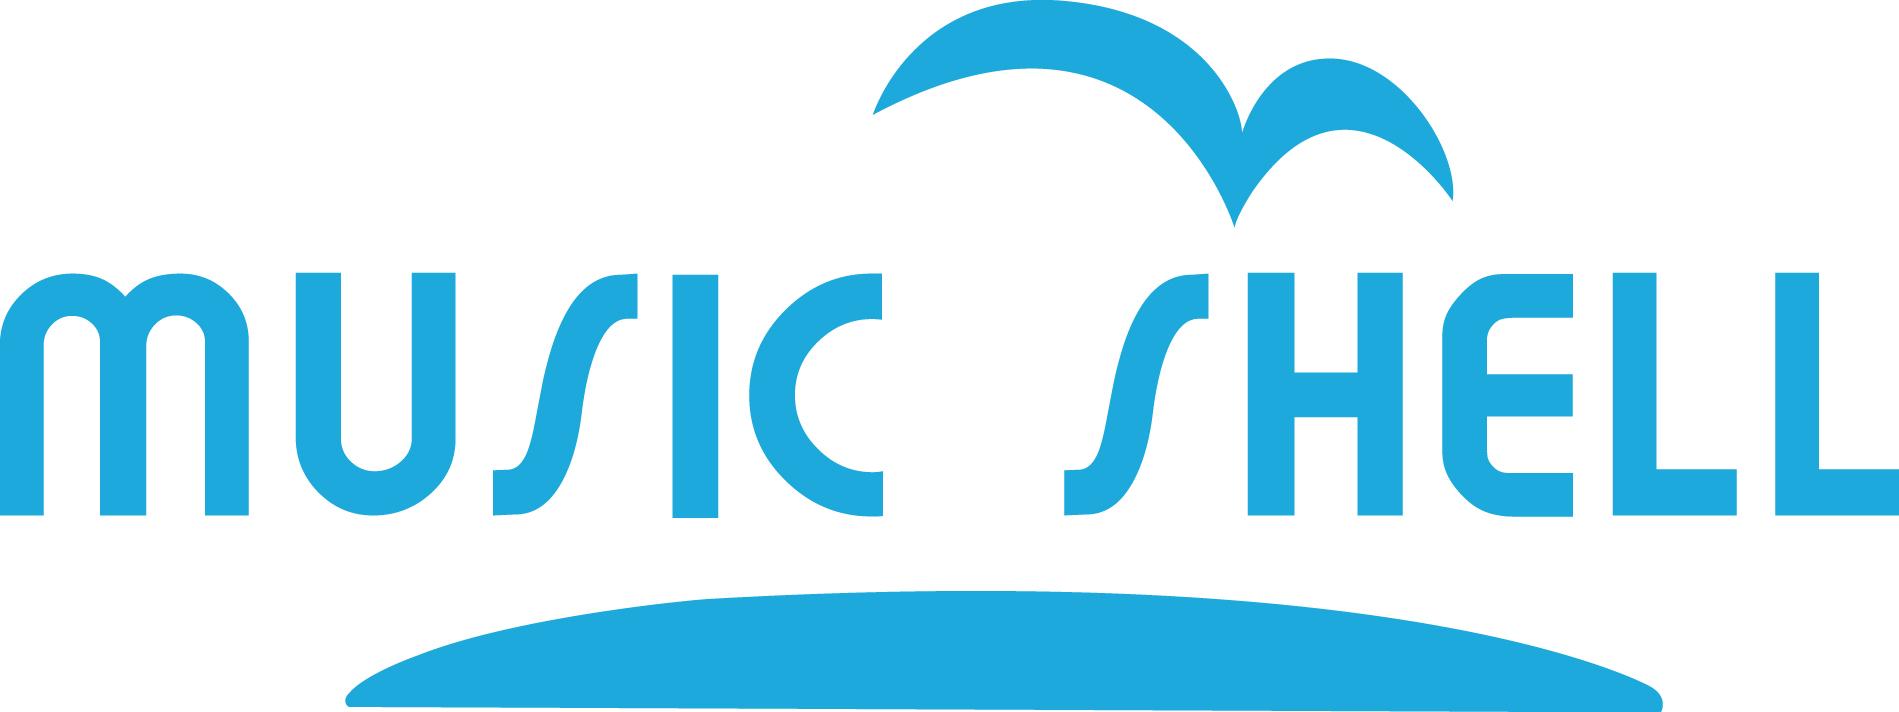 快樂島股份有限公司-Logo